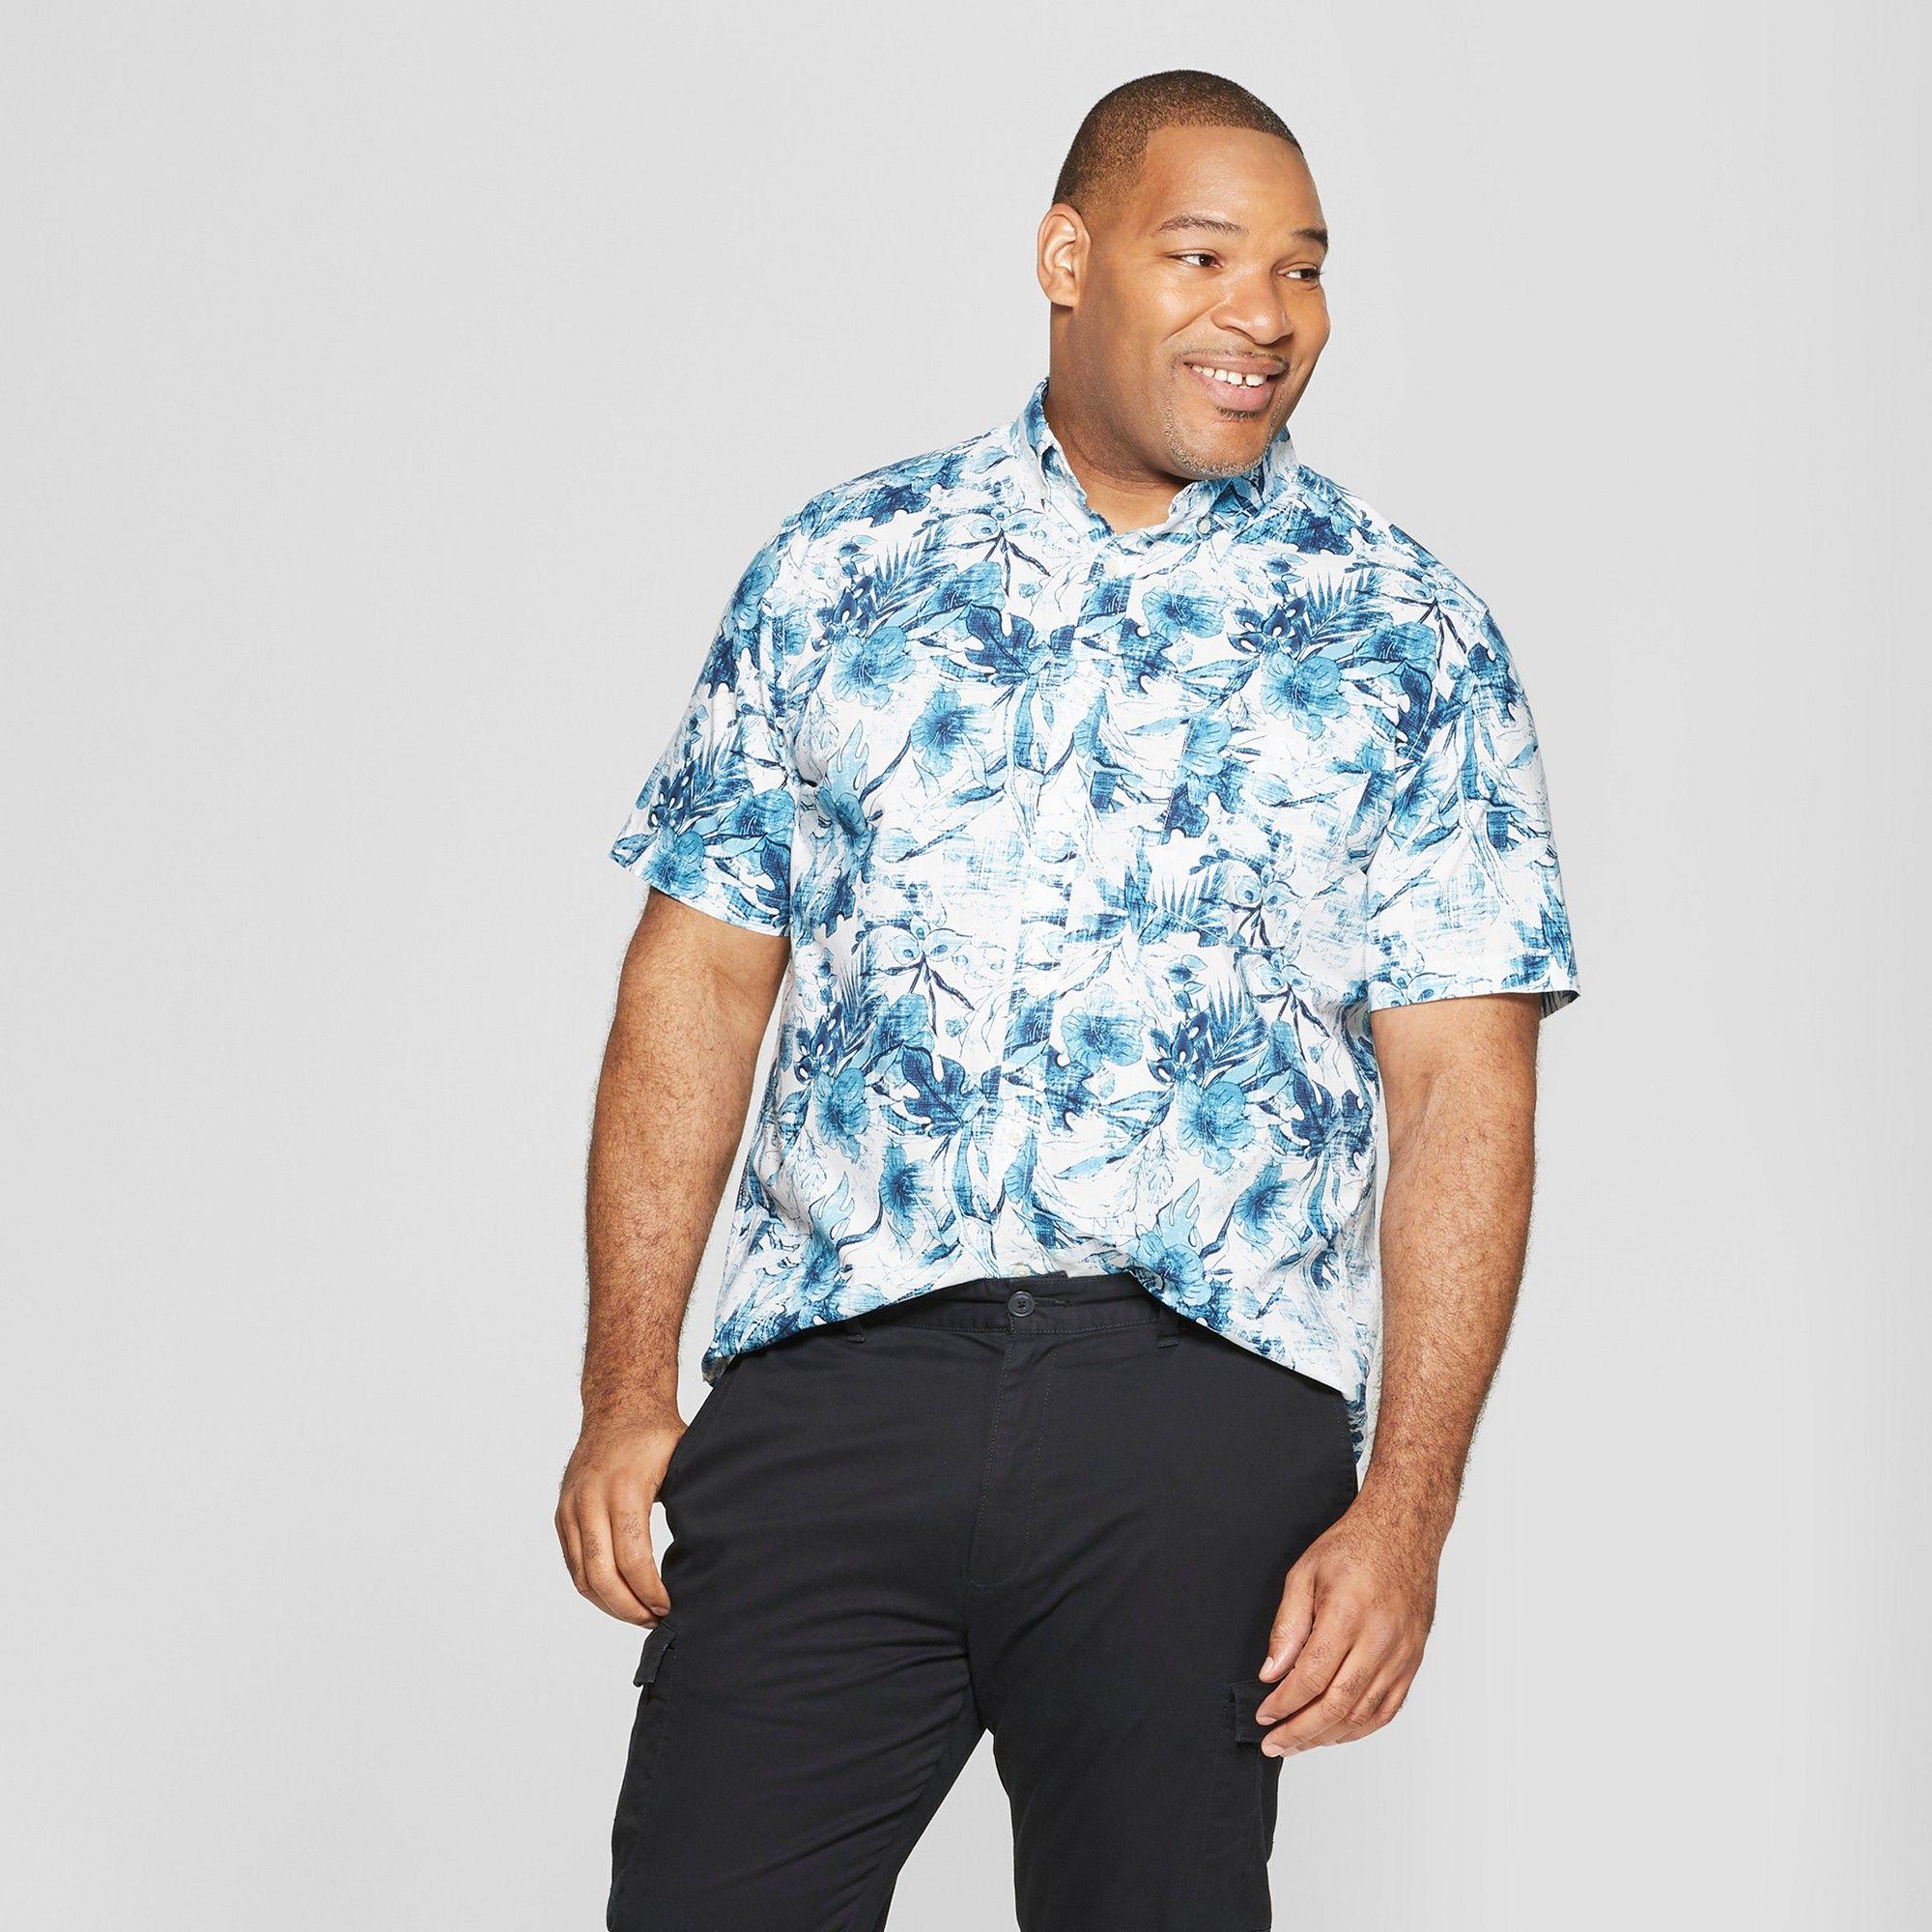 a6993669 Men's Big & Tall Floral Print Standard Fit Short Sleeve Poplin Button-Down  Shirt - Goodfellow & Co Aqua Dip 5XBT, Blue